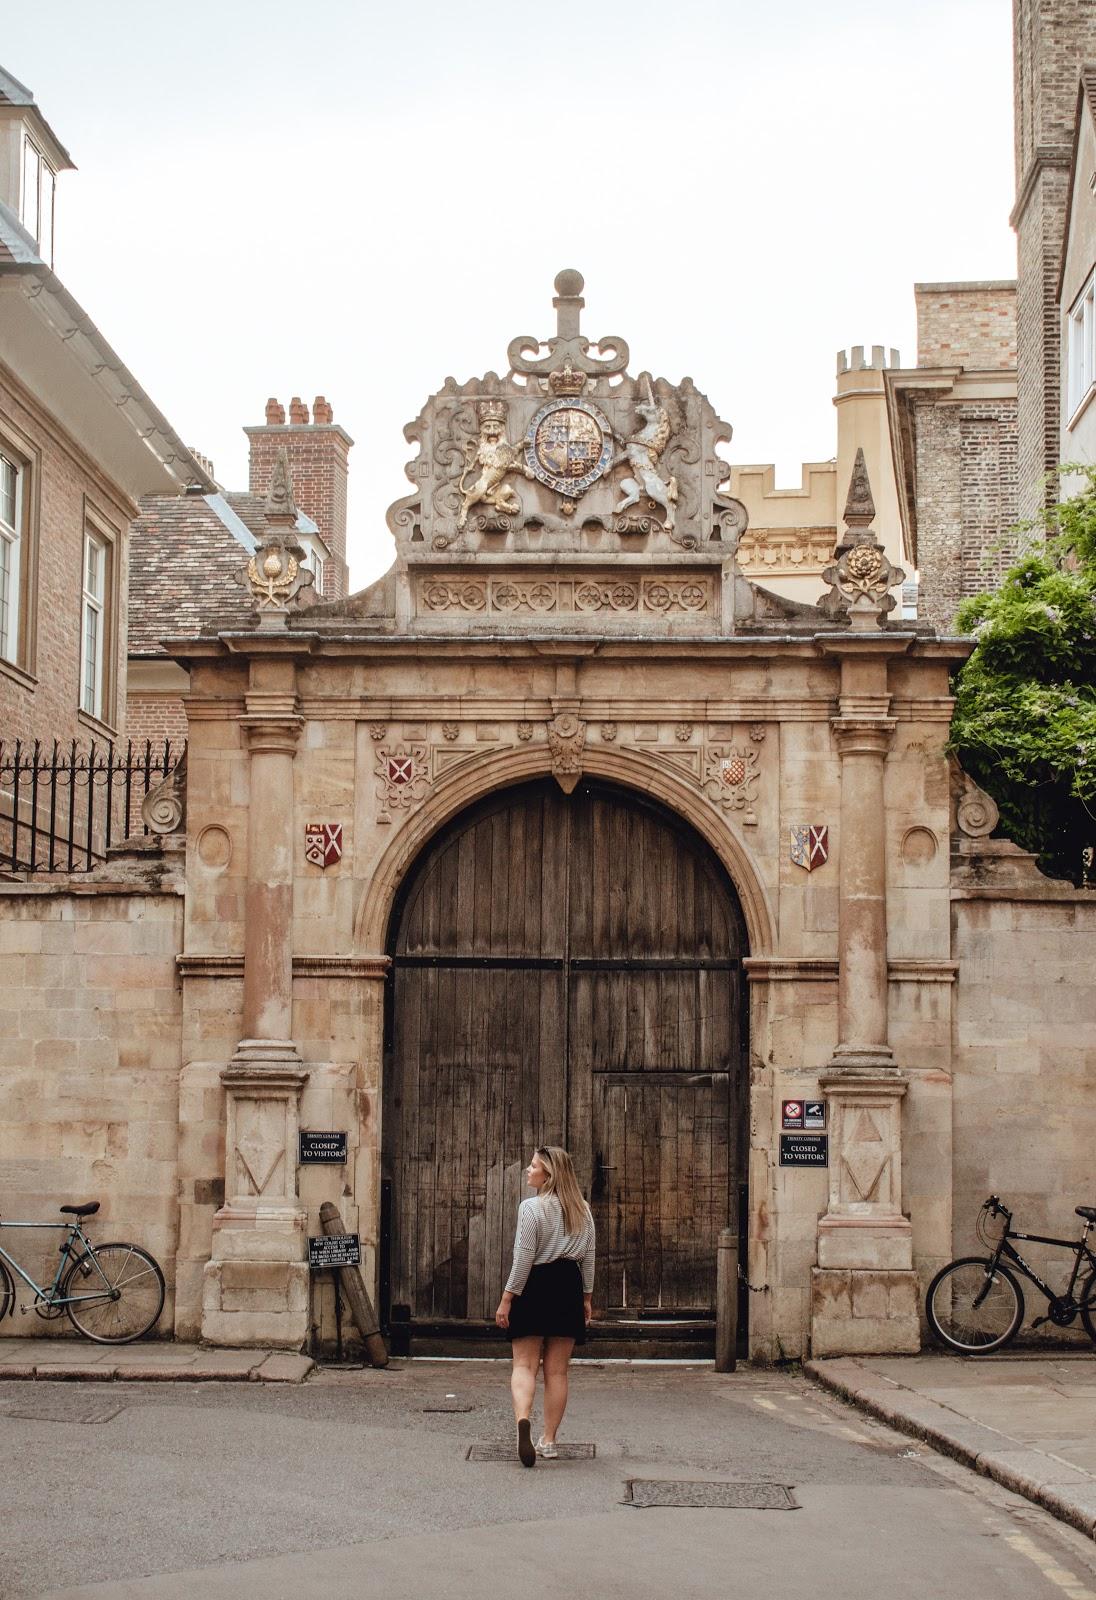 BEST INSTAGRAM SPOTS IN CAMBRIDGE ENGLAND